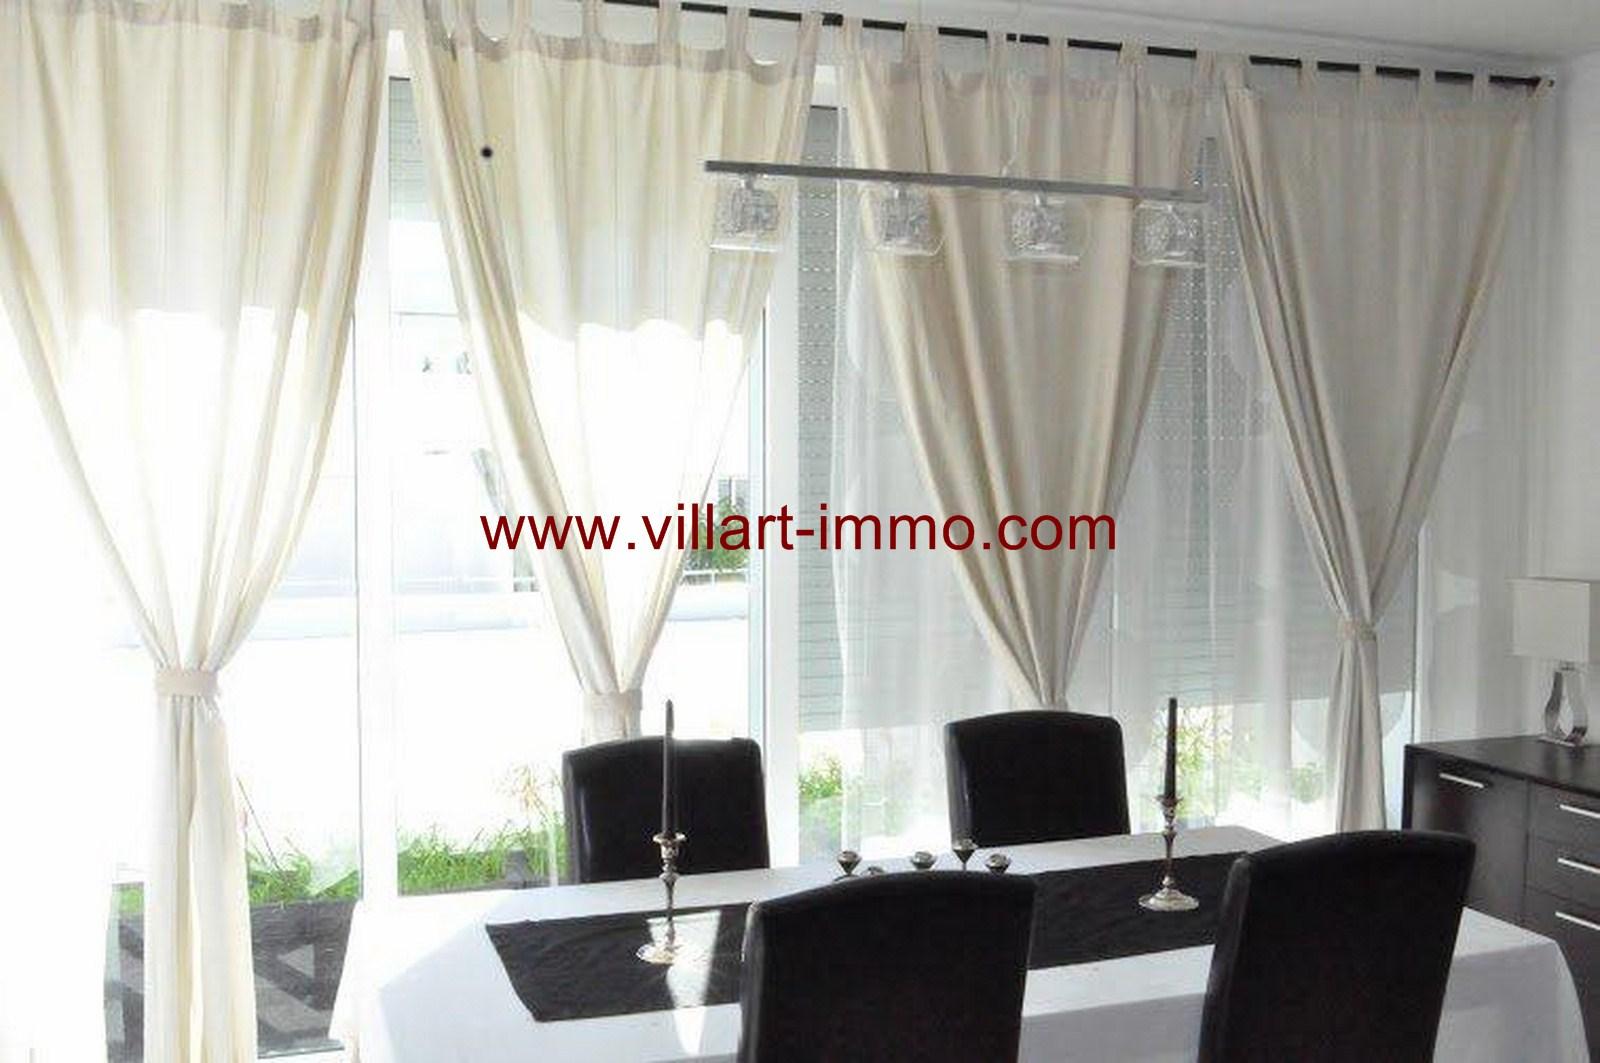 2-vente-appartement-tanger-route-de-rabat-sejour-2-va383-villart-immo